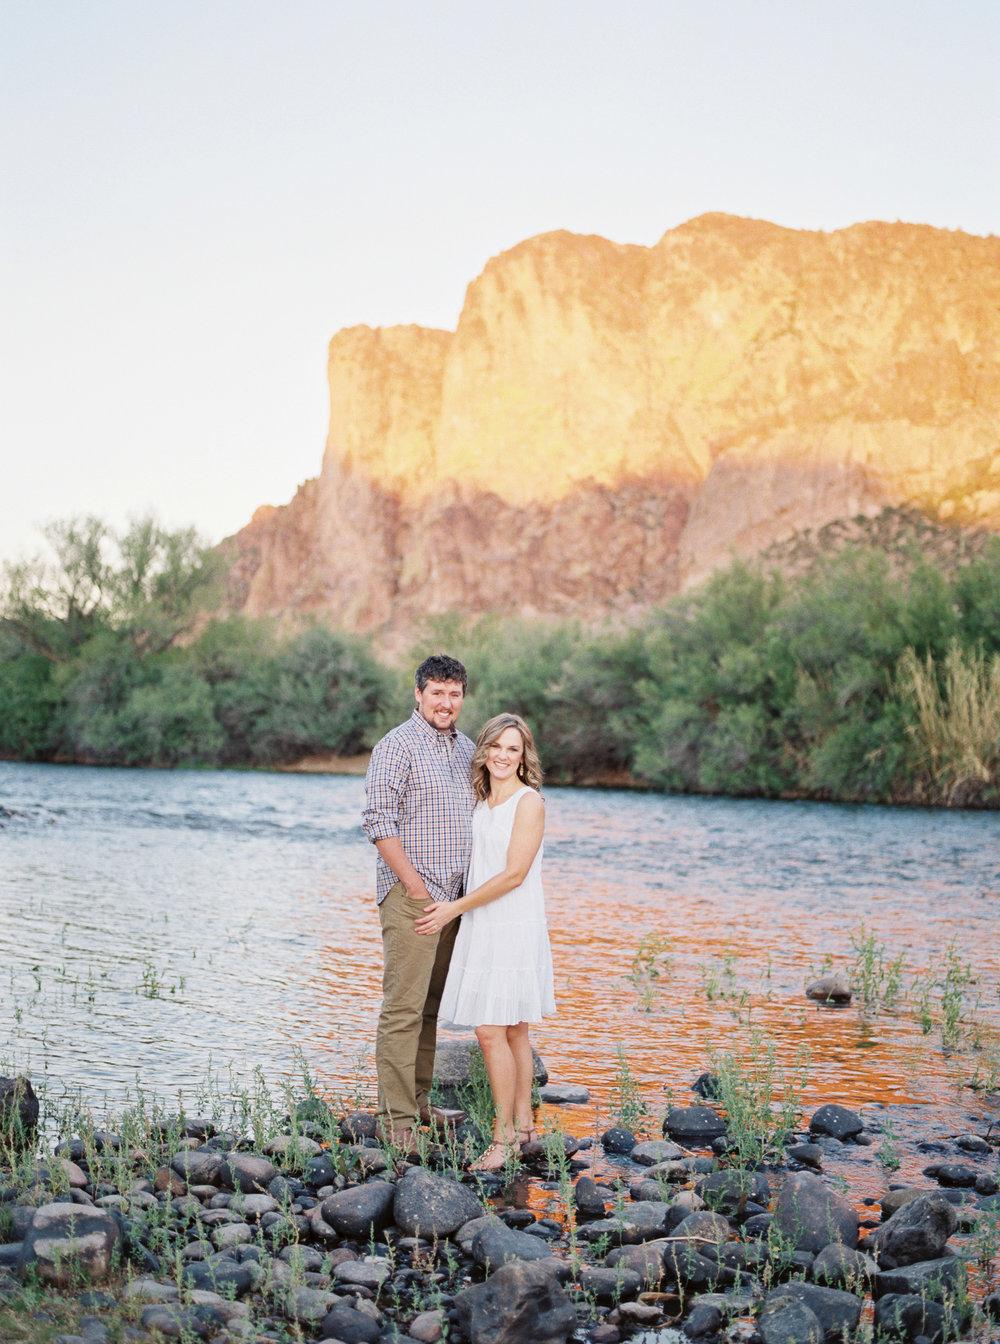 Sarah Jane Photography Engagement Salt River Bonnie Josh-23.JPG